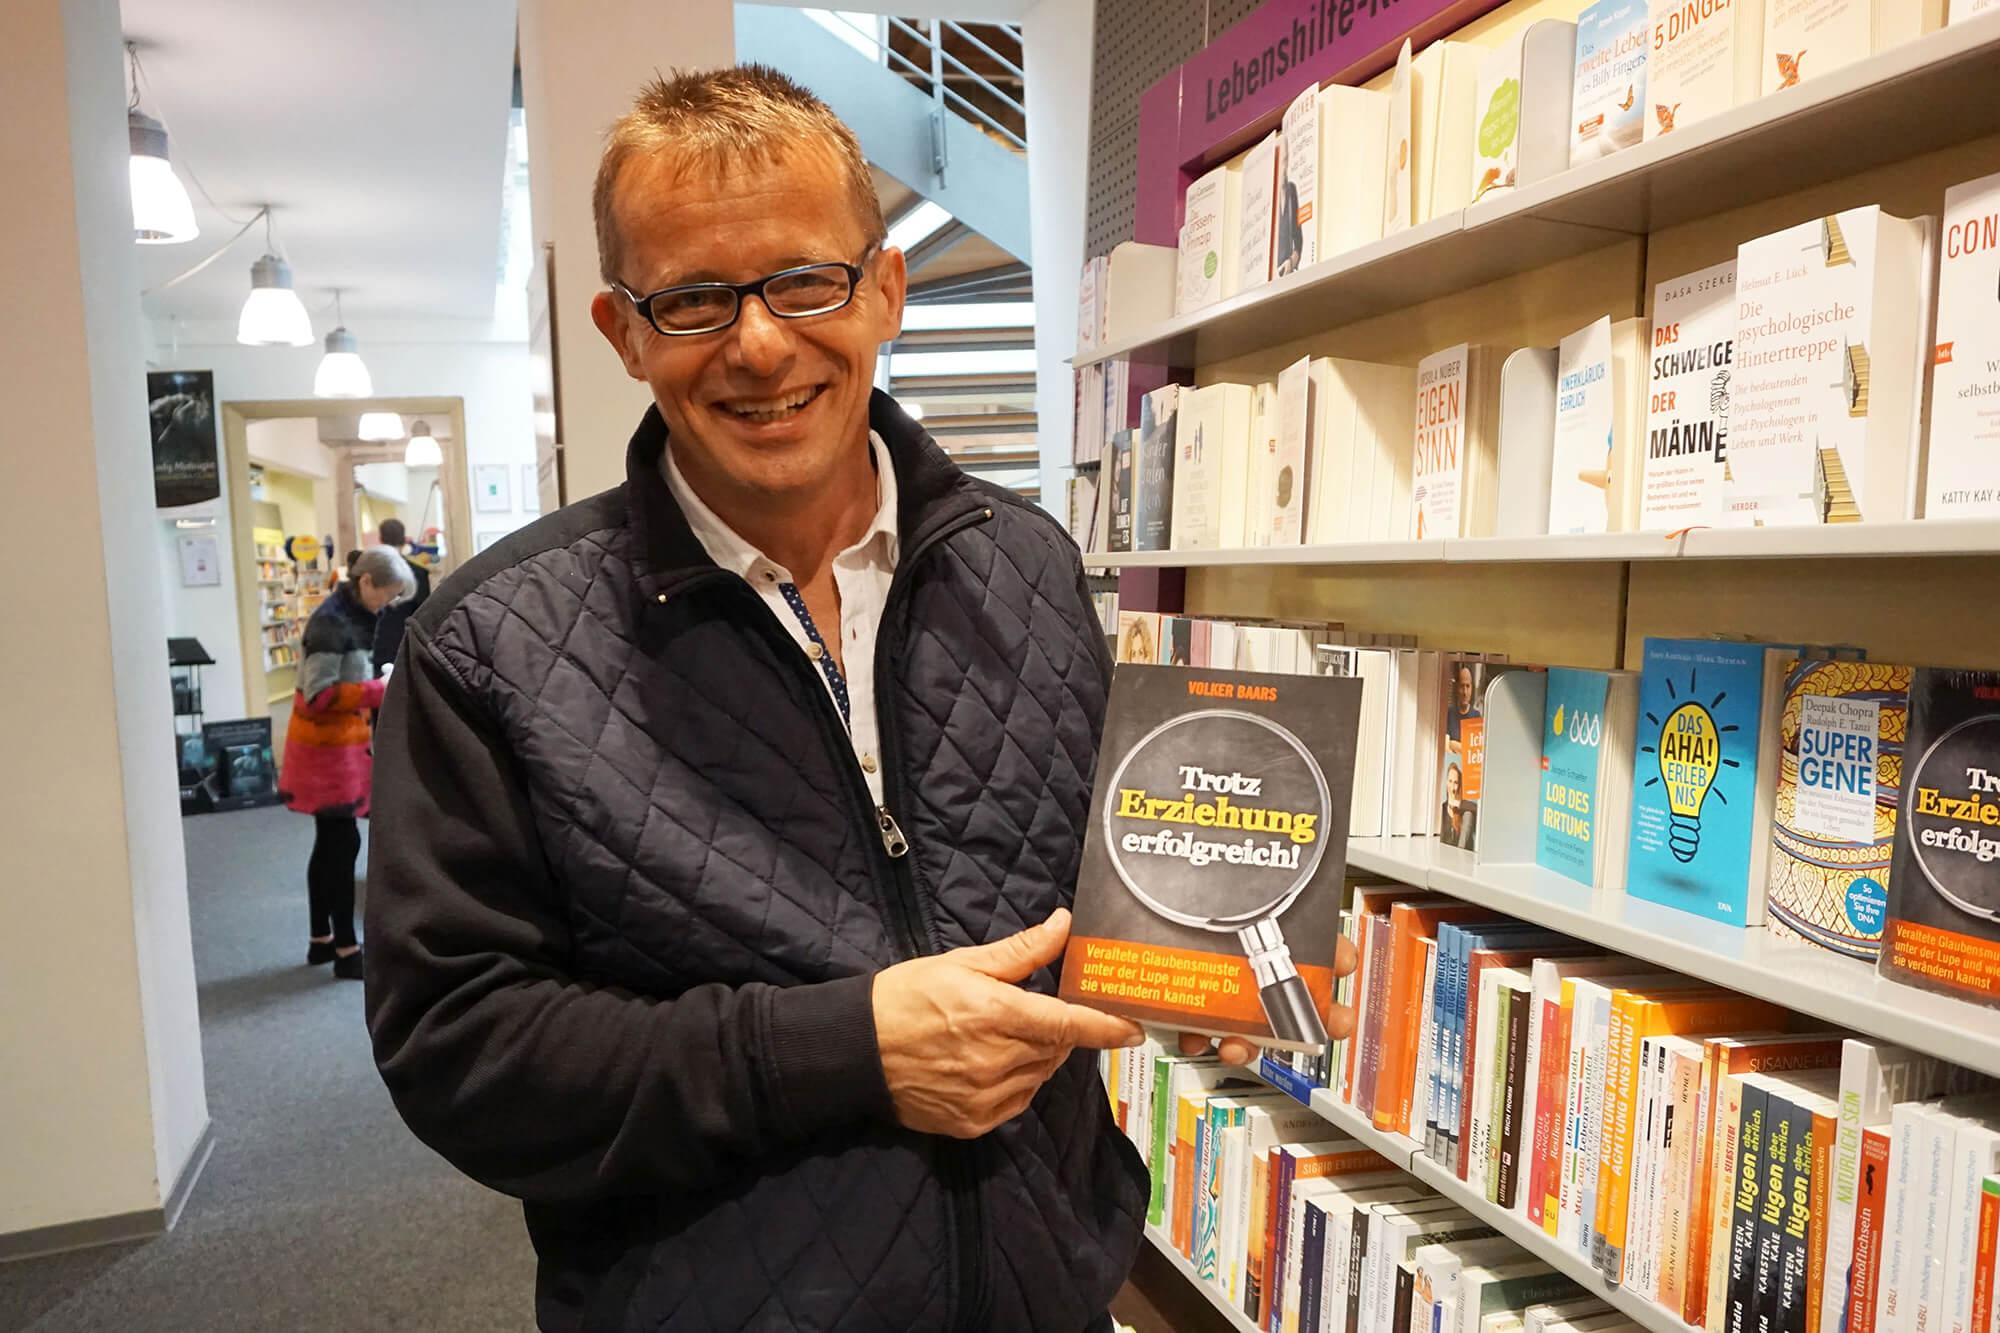 Volker Baars und sein Buch 'Trotz Erziehung erfolgreich'